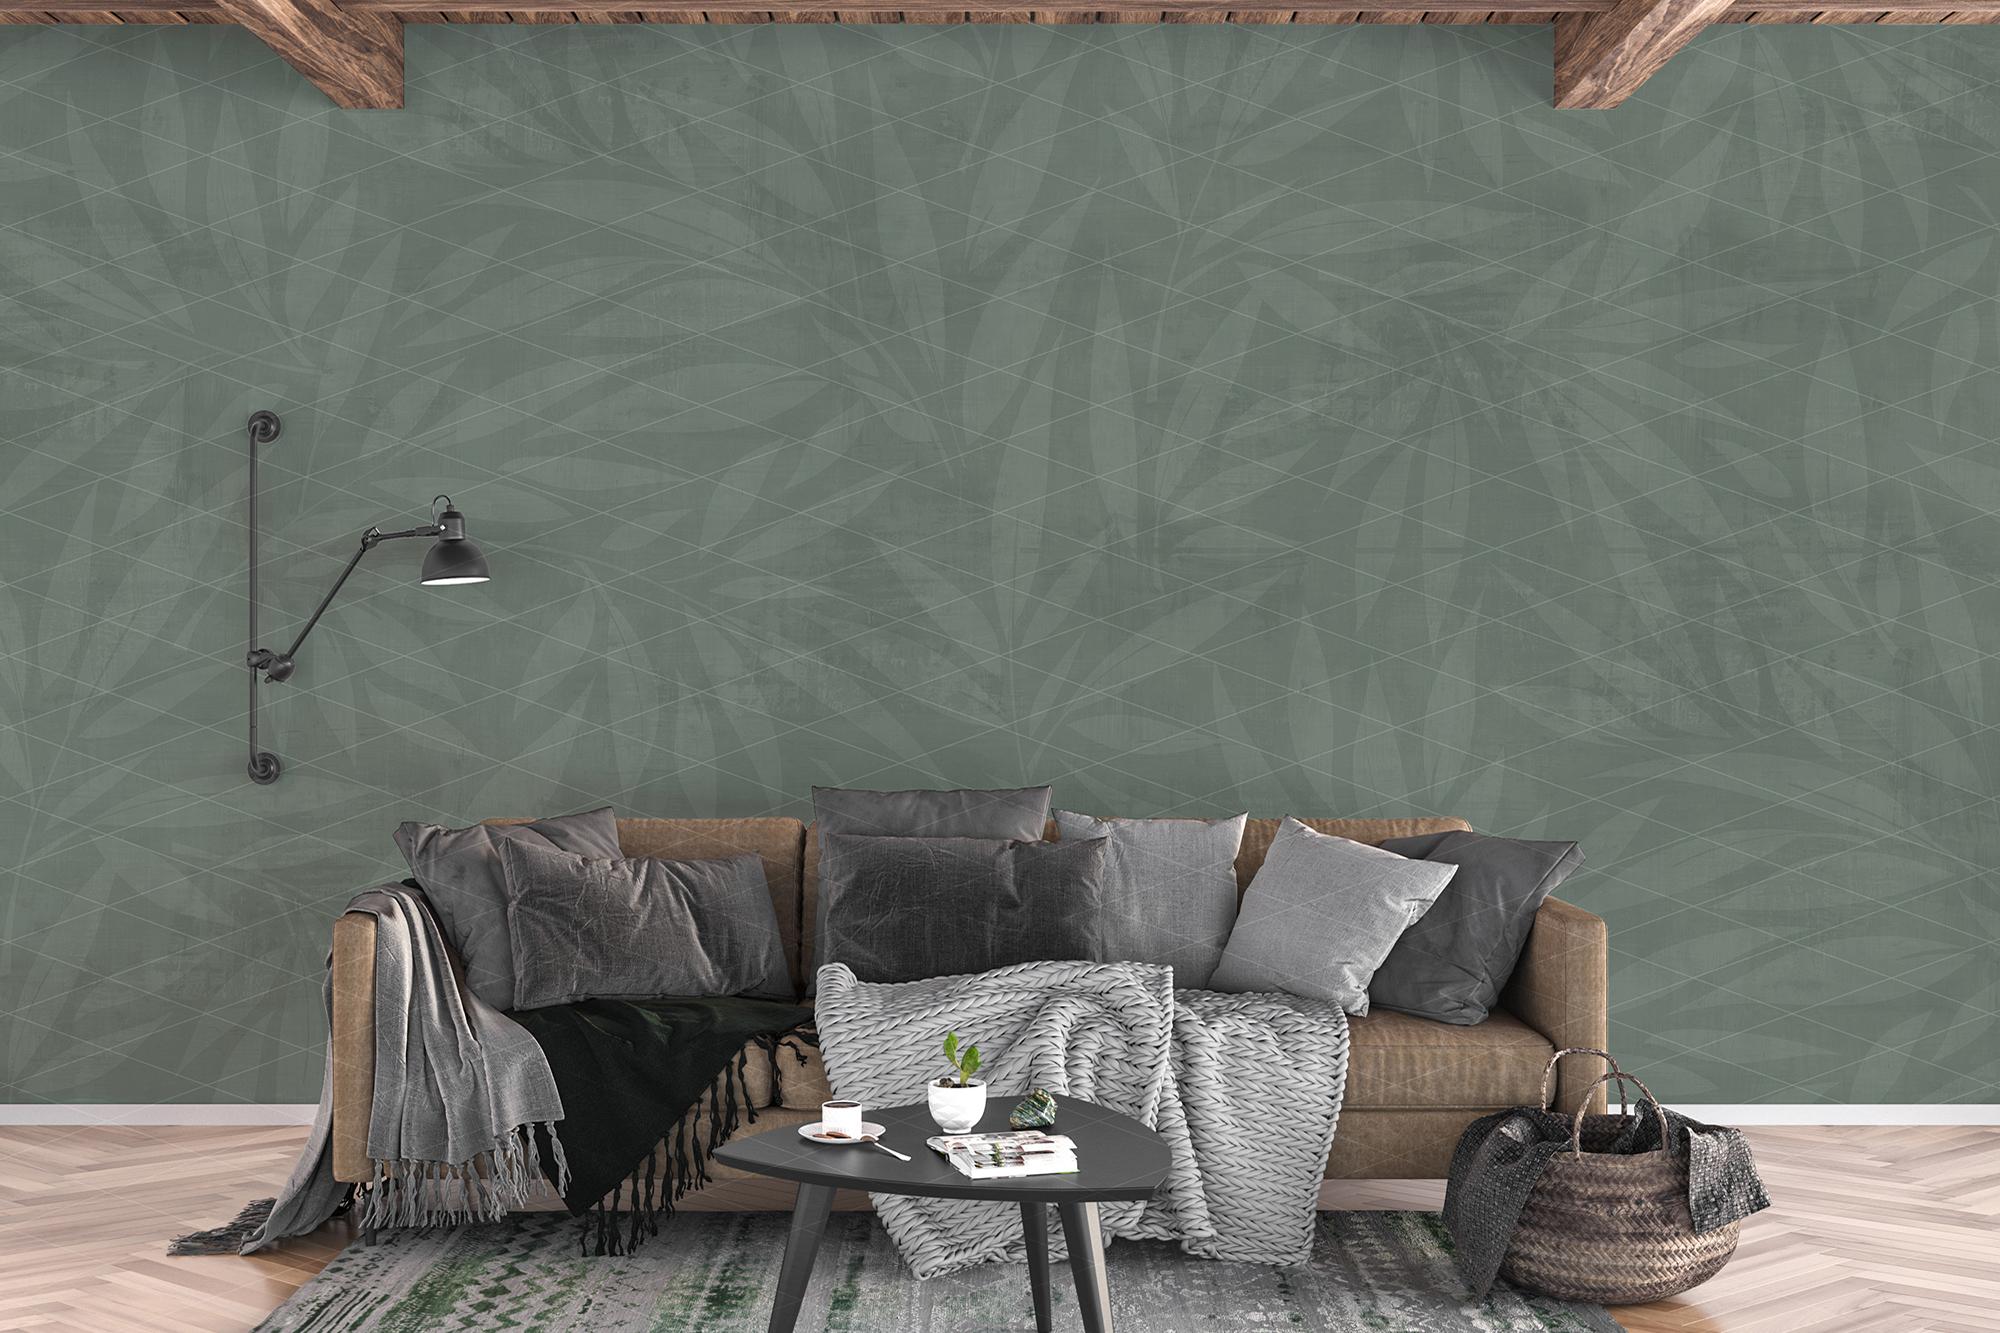 Wall mockup - wallpaper mock up example image 7